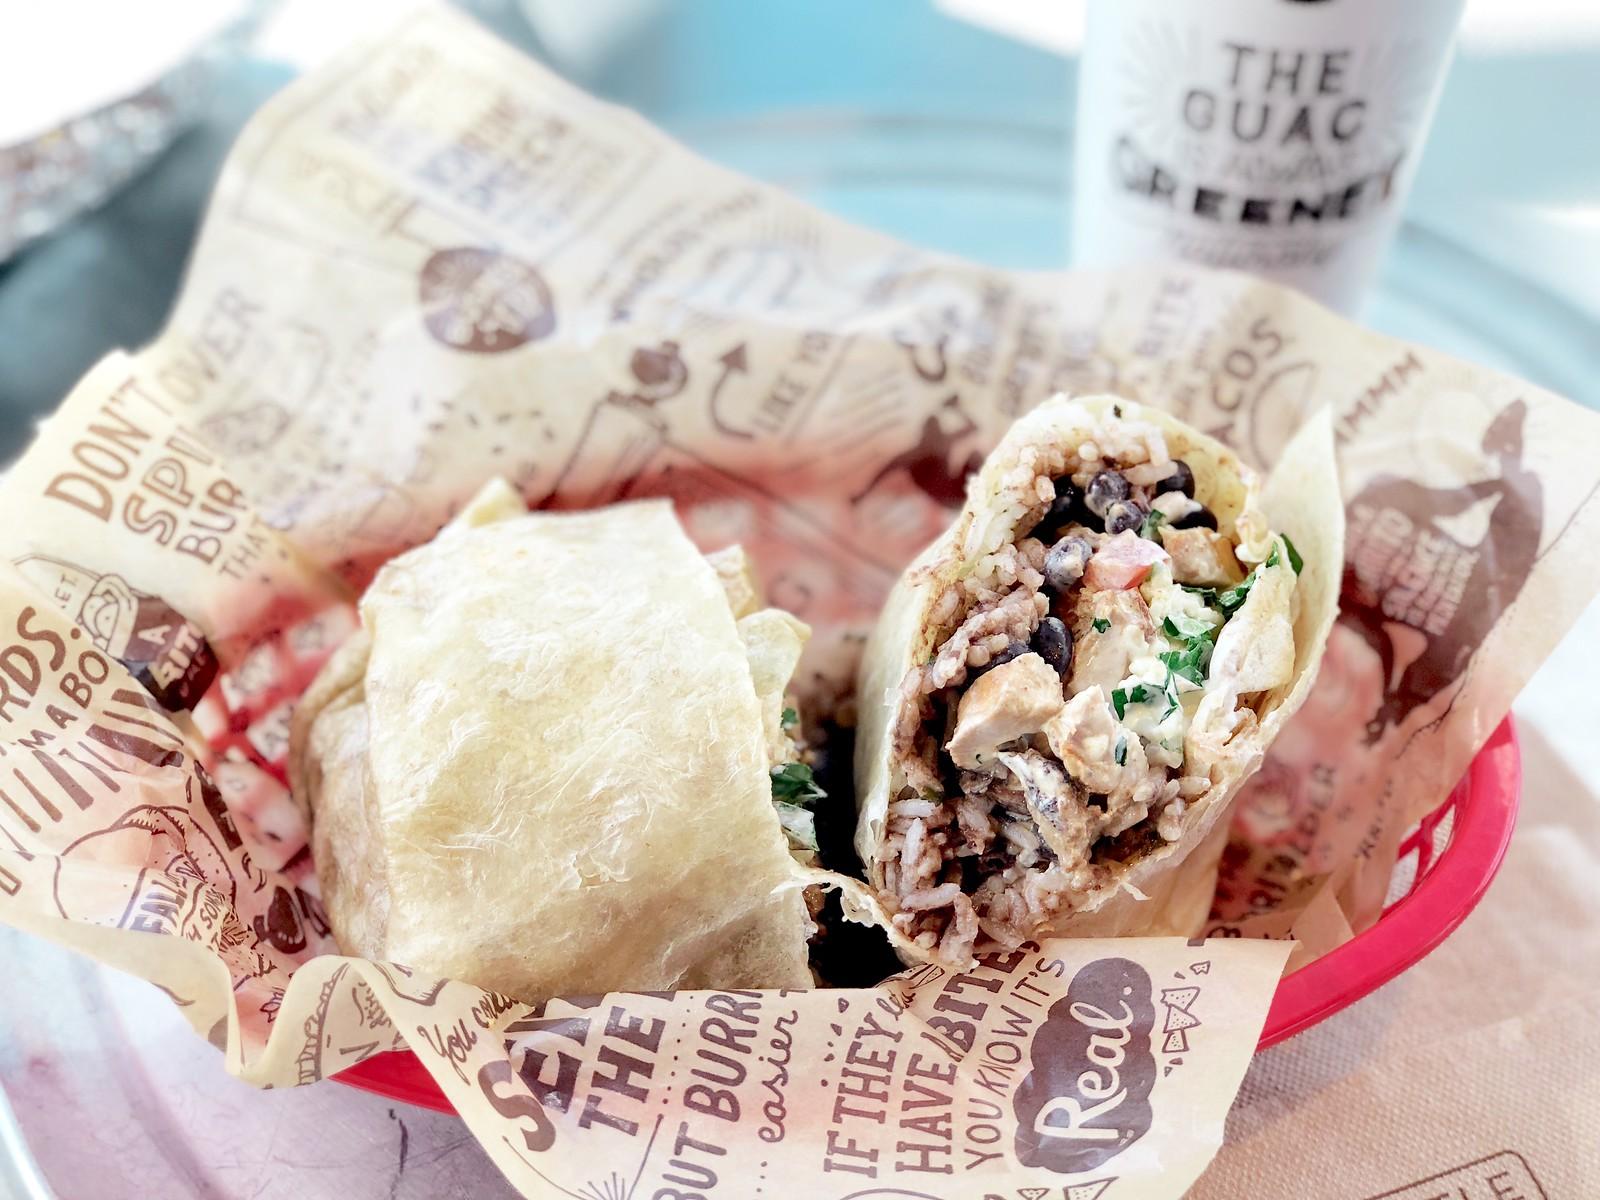 Chipotle Rewards launches soon – chipotle burrito